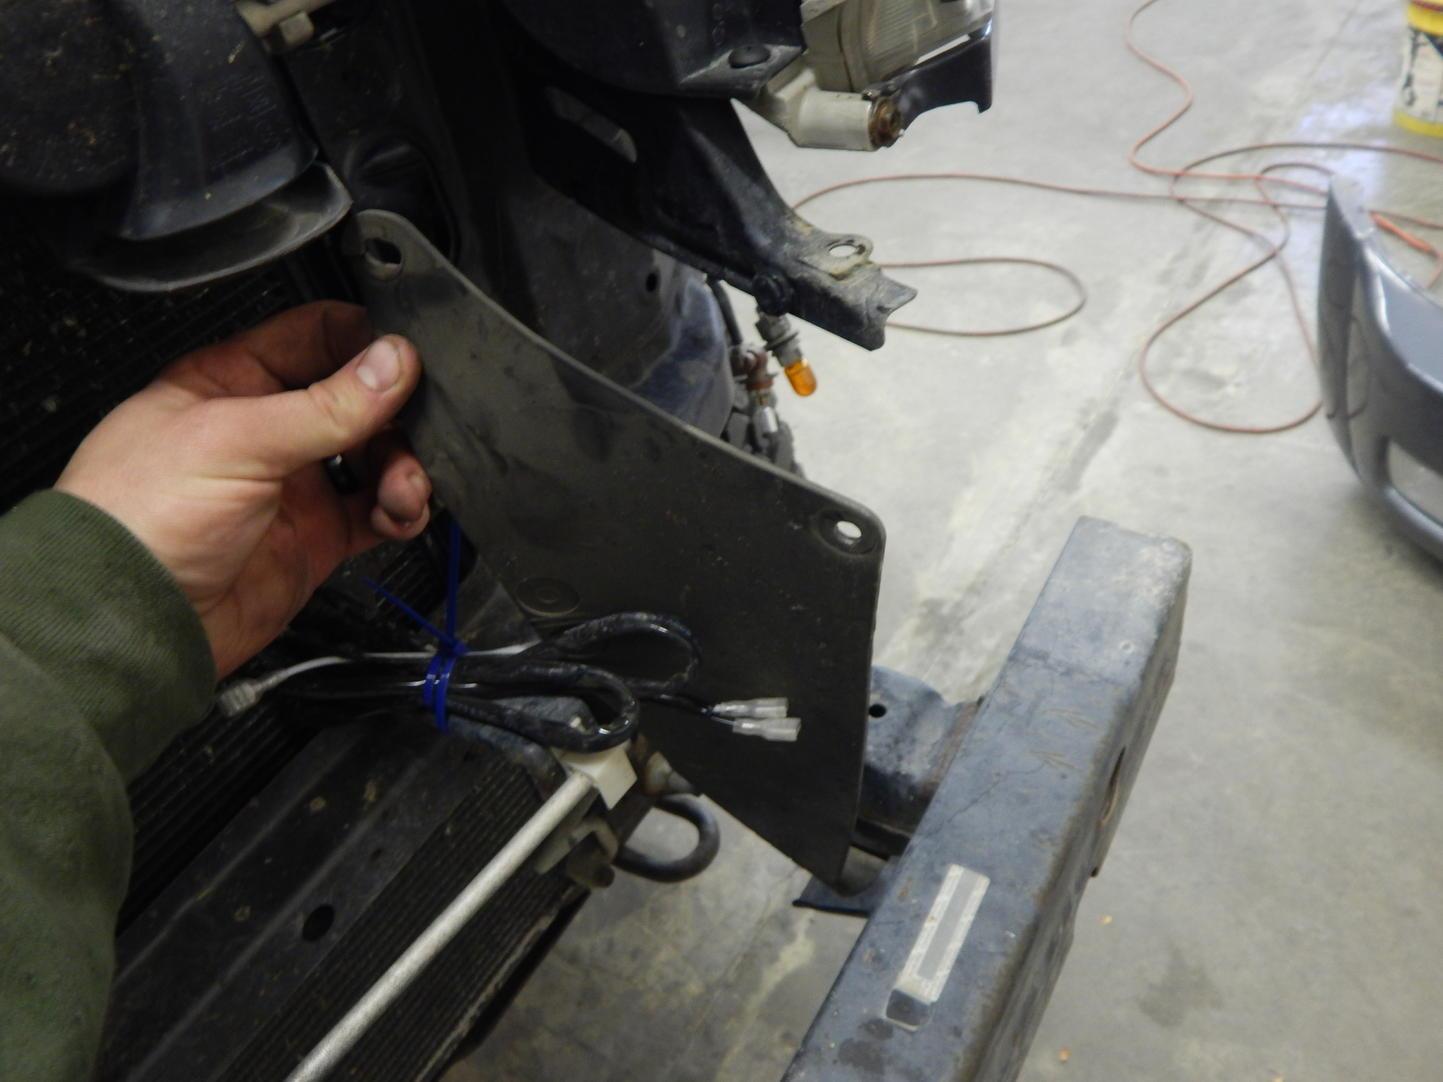 C4 FAB early 4th gen (03-05) Lo-Pro winch bumper install guide.-dscn4450-jpg